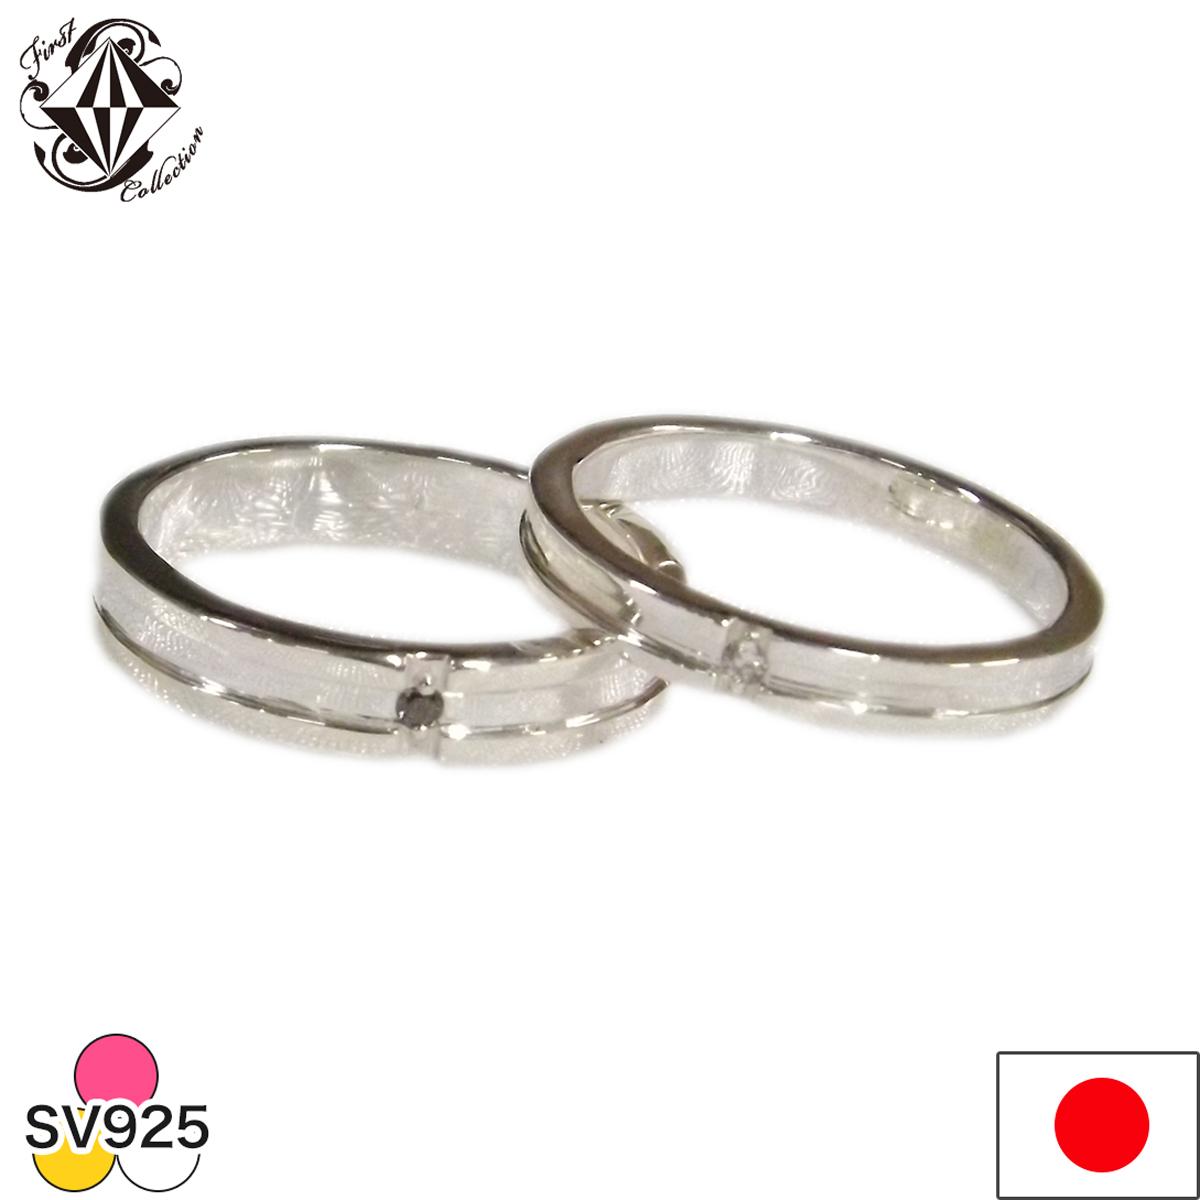 ペアリング シルバーペアリング 指輪 結婚指輪 マリッジリング ダイヤモンドリング 2個セット 手作り指輪 オーダーメイド ピンクゴールド シルバー925 プレゼントにも 刻印無料 誕生石【楽ギフ_メッセ入力】【楽ギフ_名入れ】